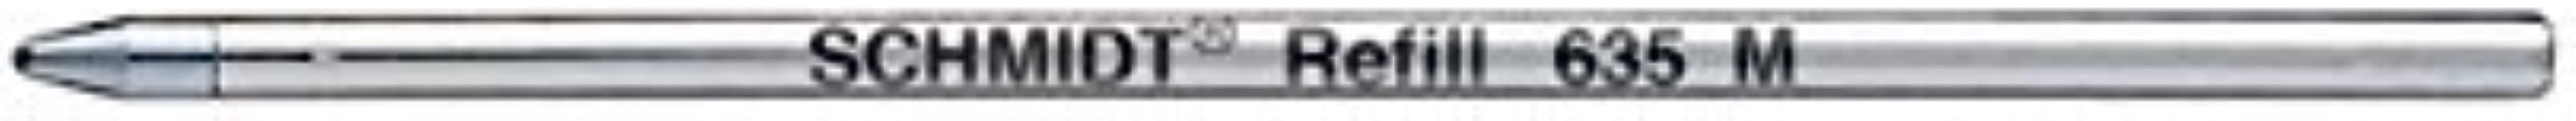 Schmidt 635 Mini Ball Pen Refill - 6 Pack - Black